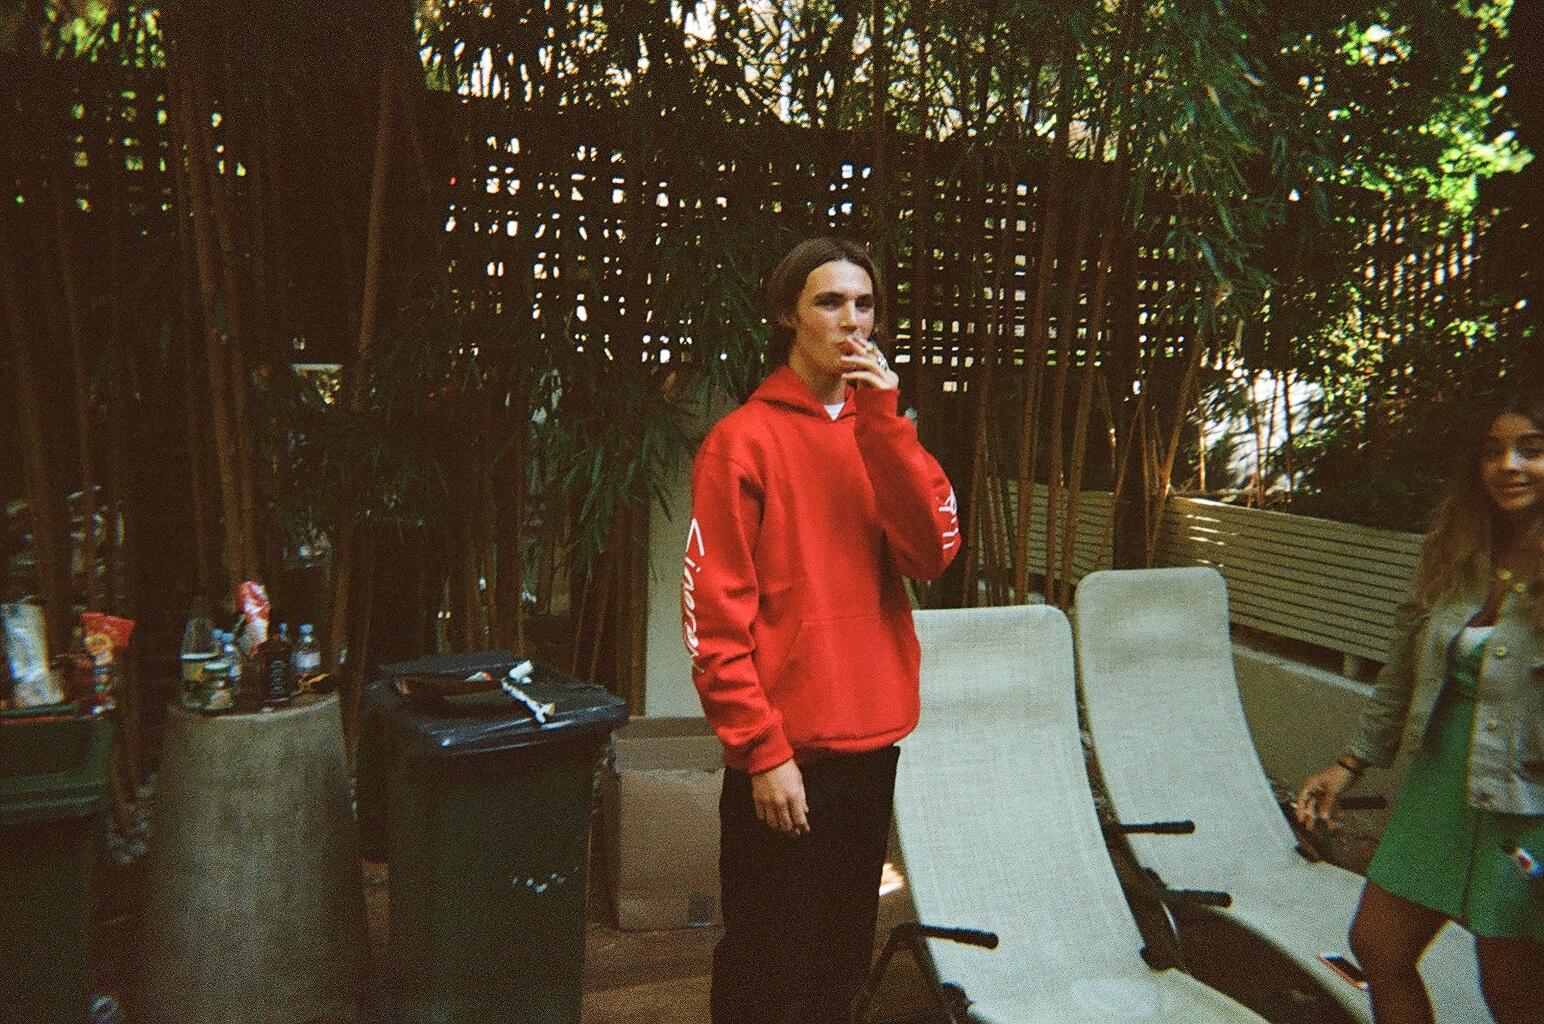 JAMES WOODROOF IN RED SIGEREX. HOODIE